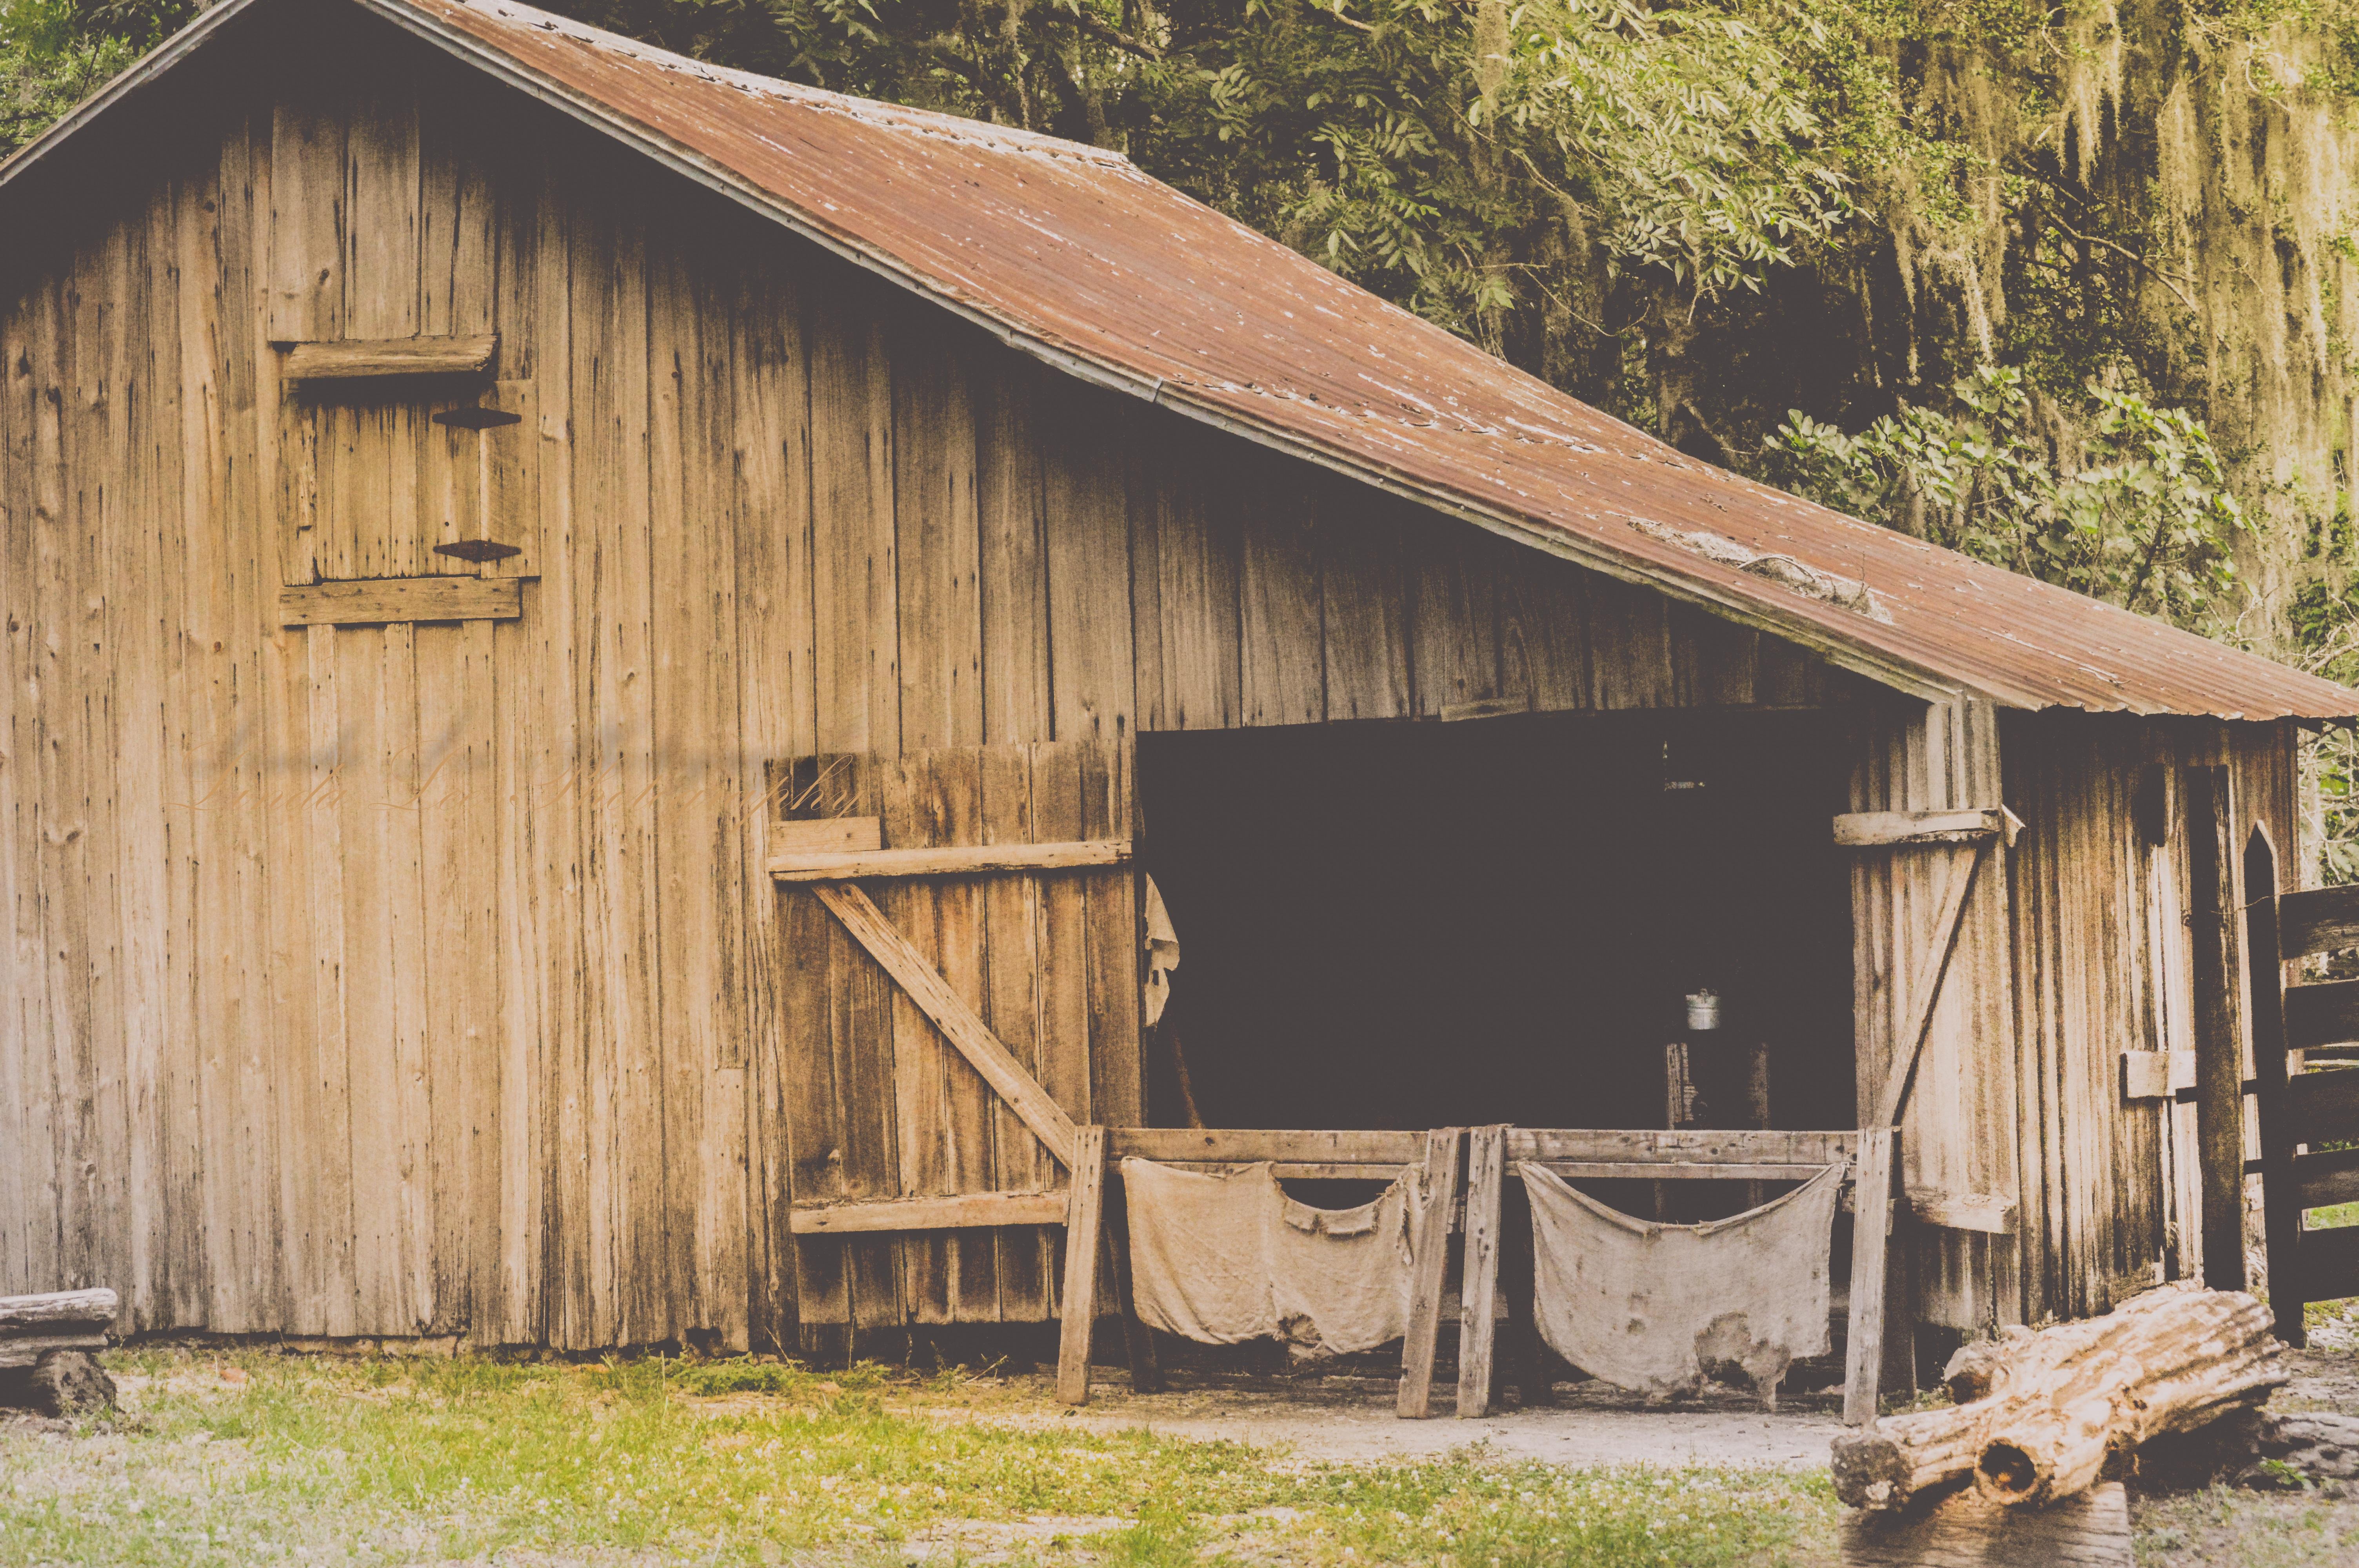 дизайн гостиной, картинки сарая на ферме первой